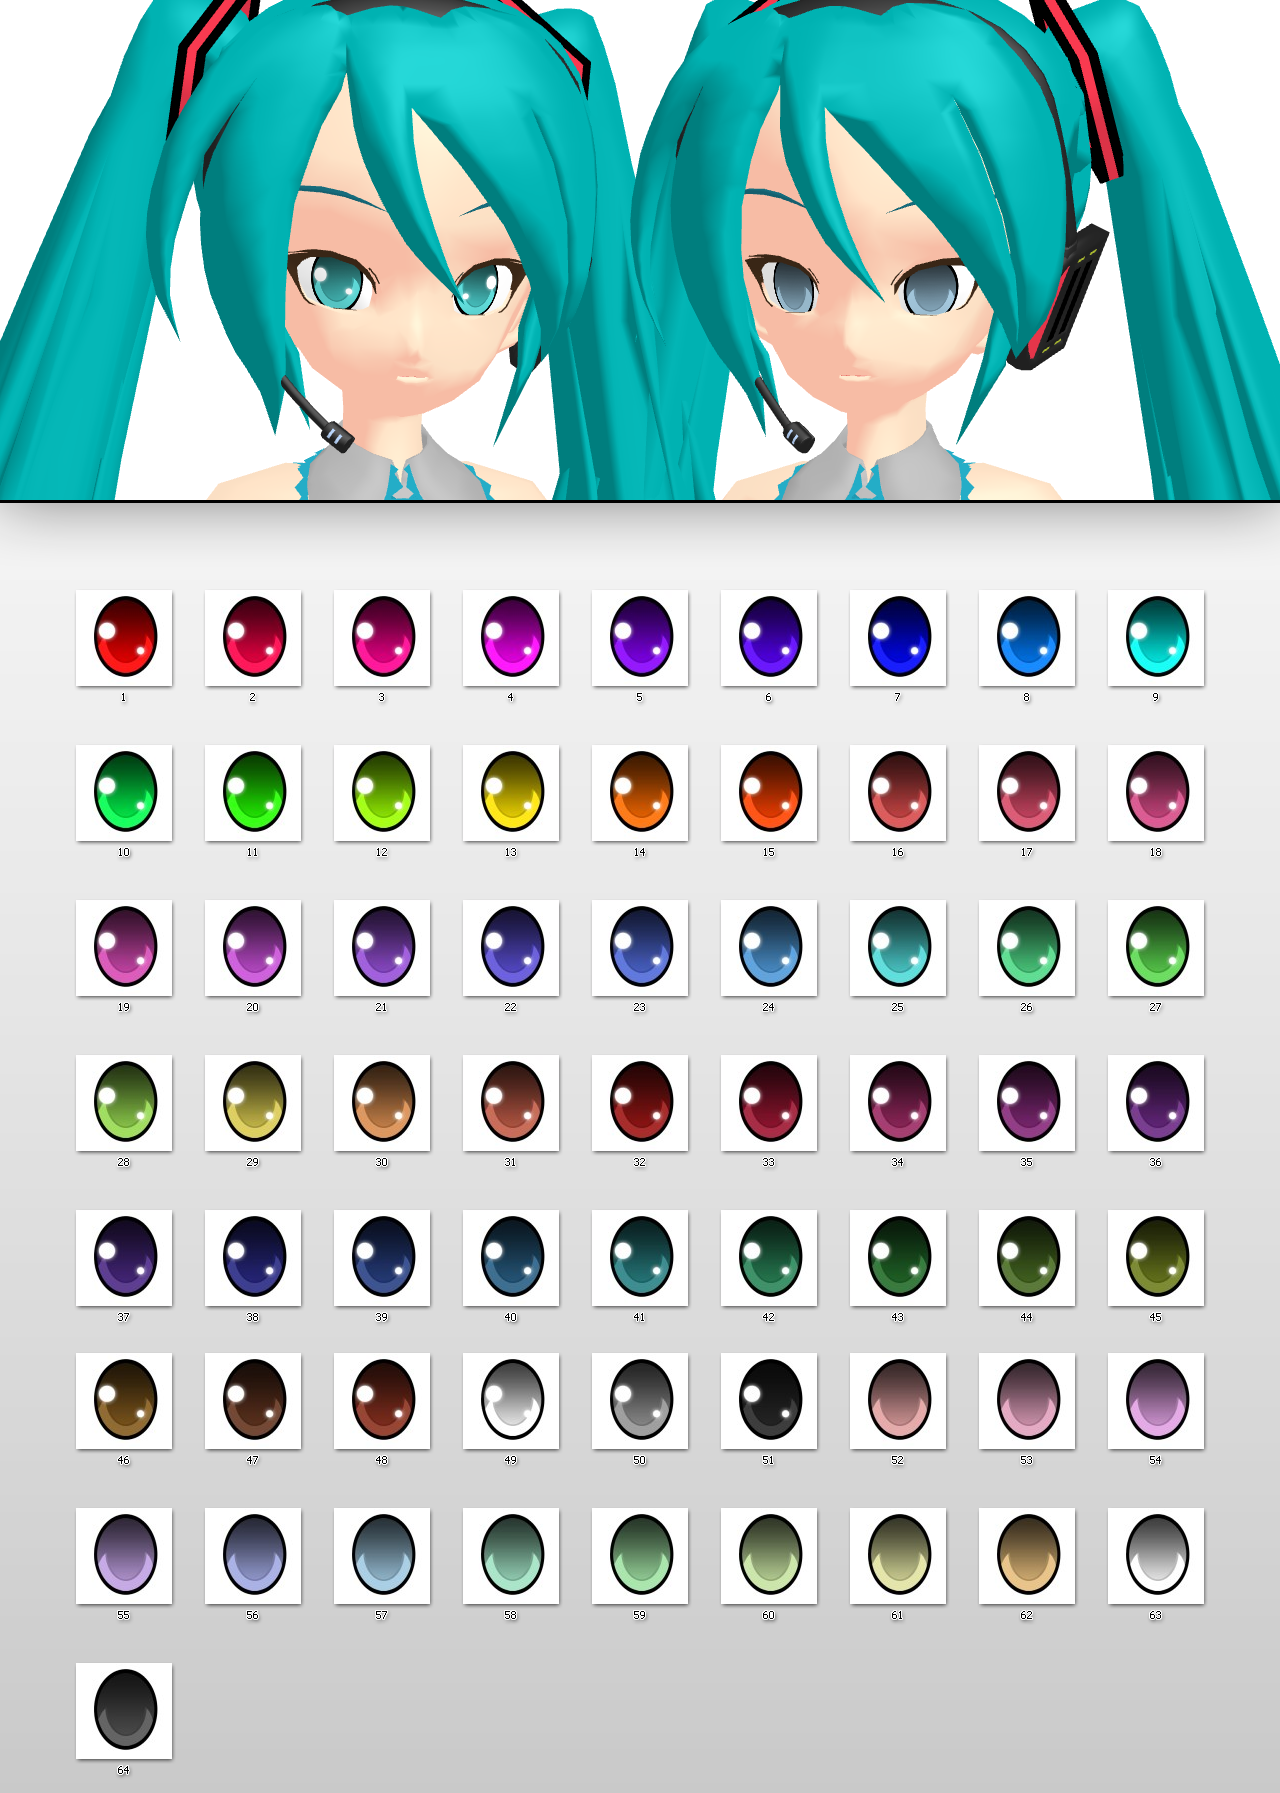 _MMD_ Nakao style eyes _DL_ by xXHIMRXx